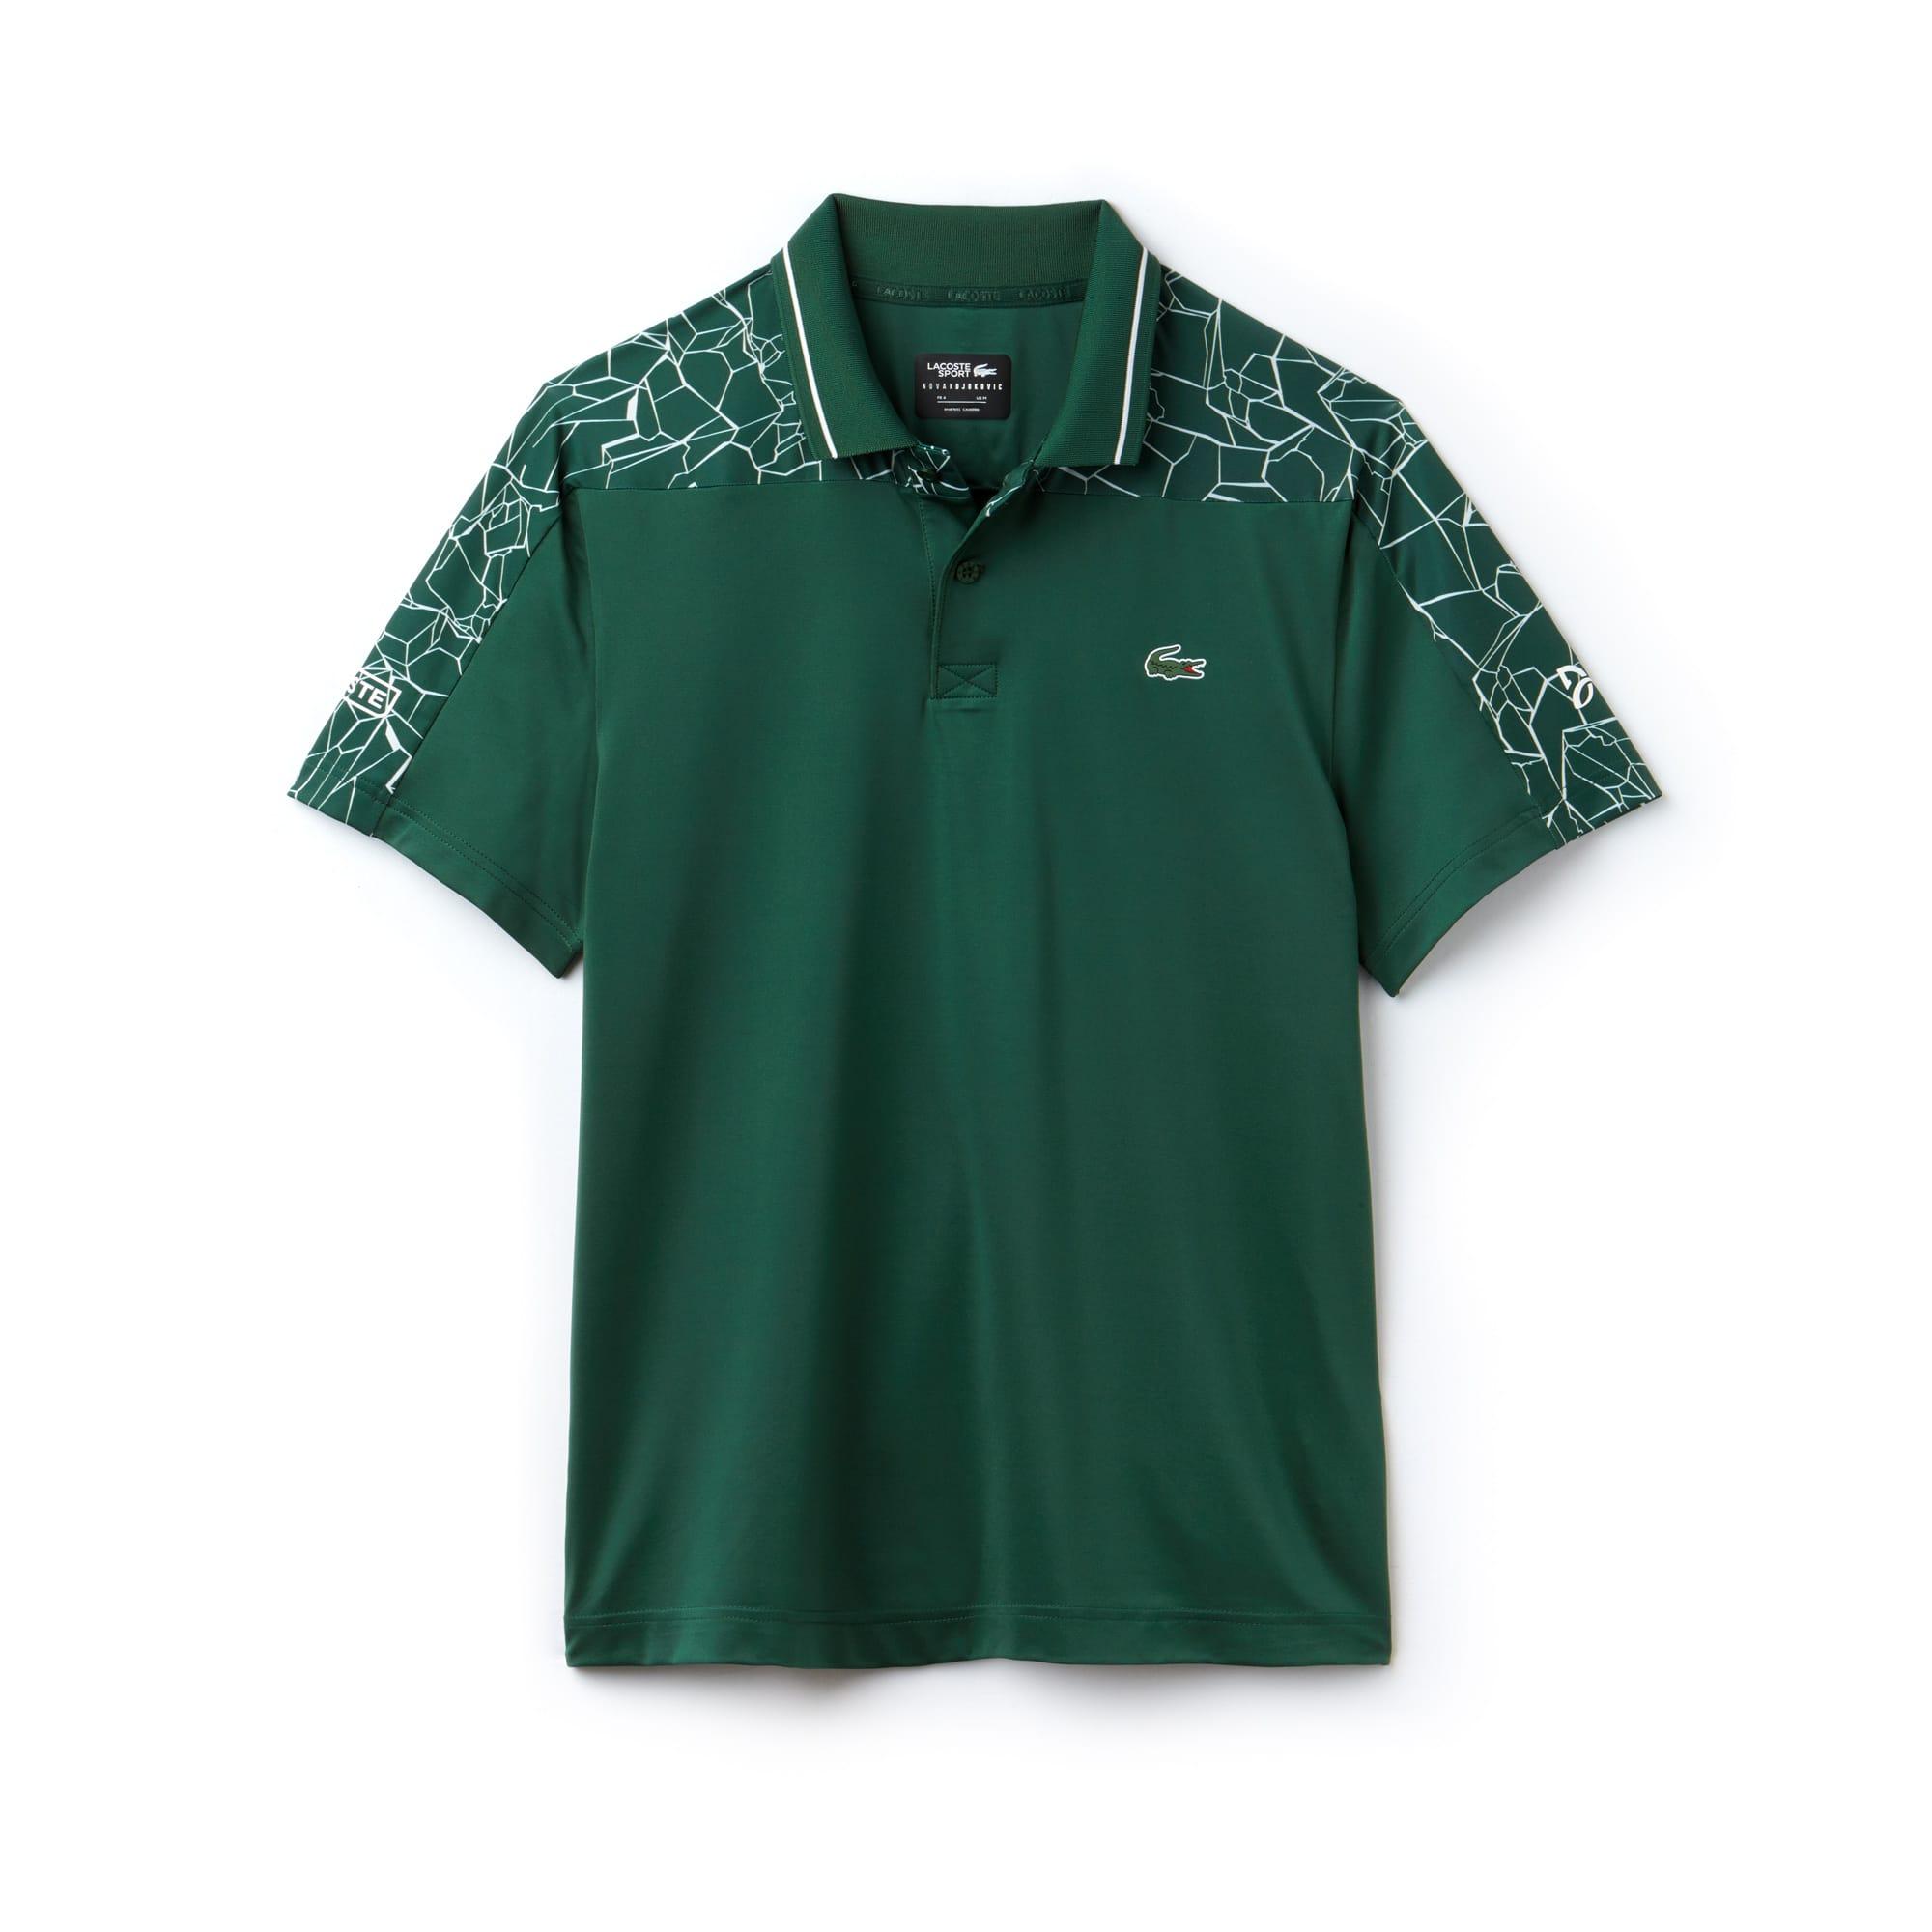 라코스테 Lacoste Mens SPORT Stretch Technical Jersey Polo - x Novak Djokovic On Court Premium Edition,olive/white